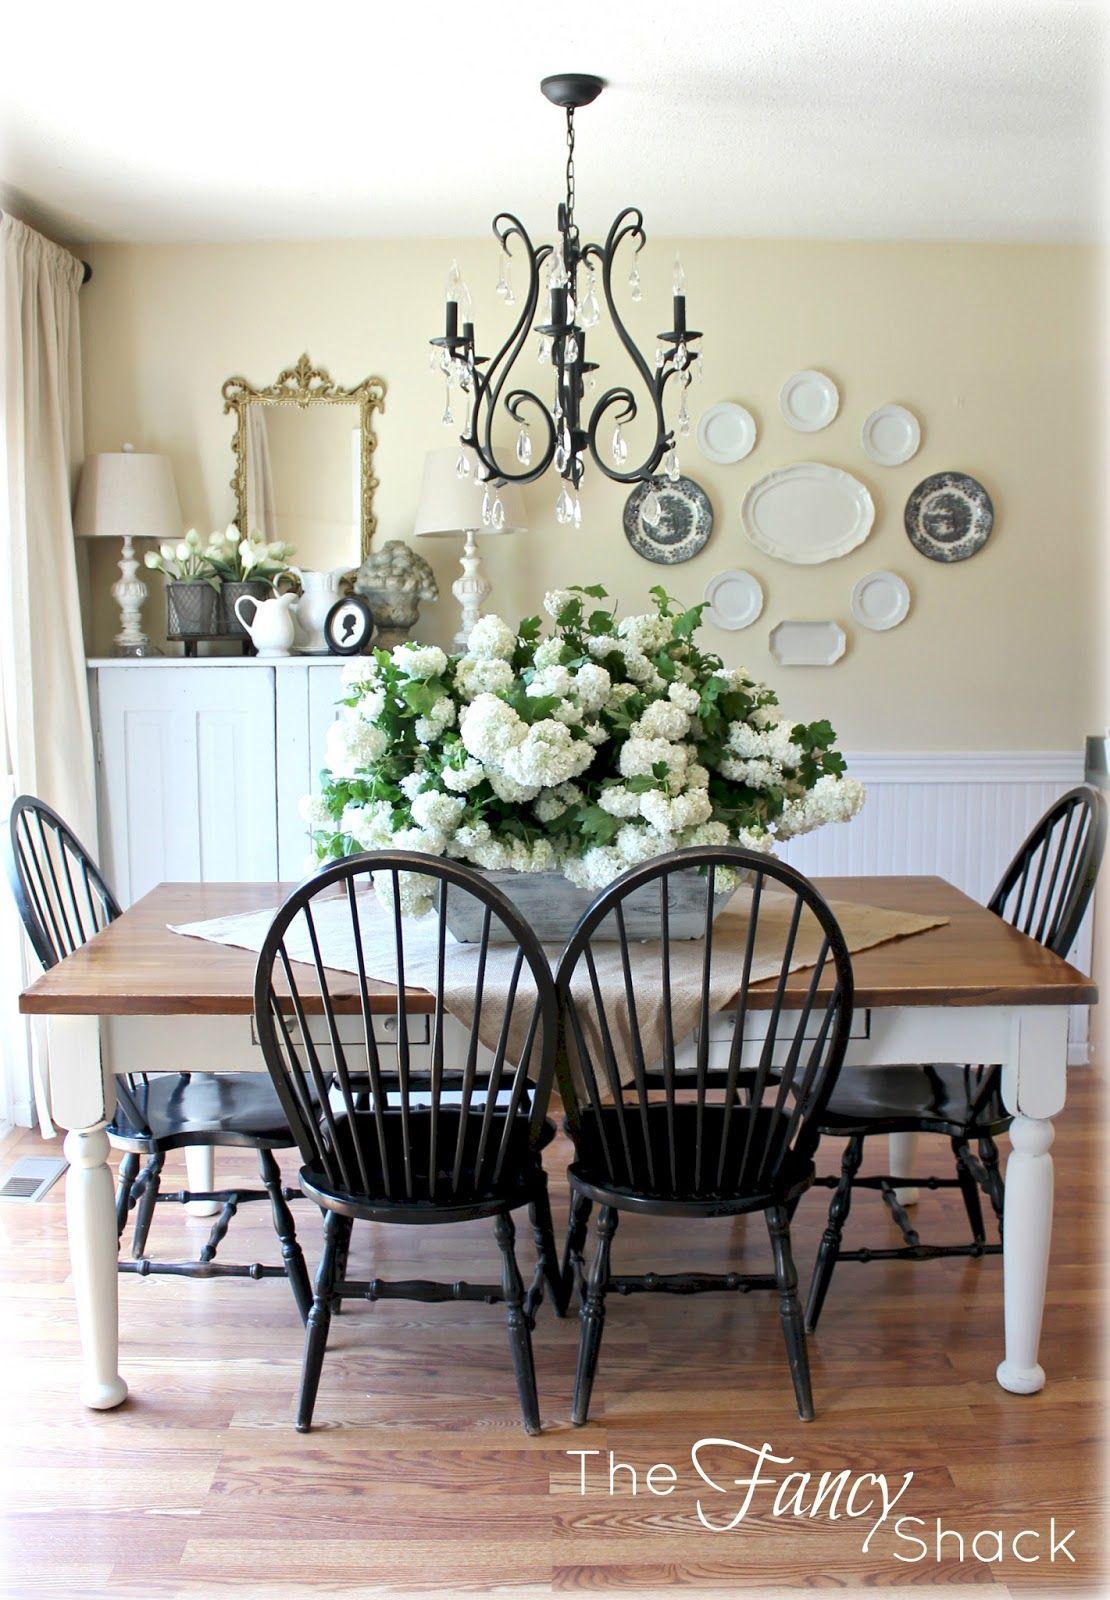 Gedeckter Tisch, Decken, Küche Esszimmer, Landhausstil, Stuhl, Rund Ums  Haus, Runde, Deutschland, Shabby Chic Möbel